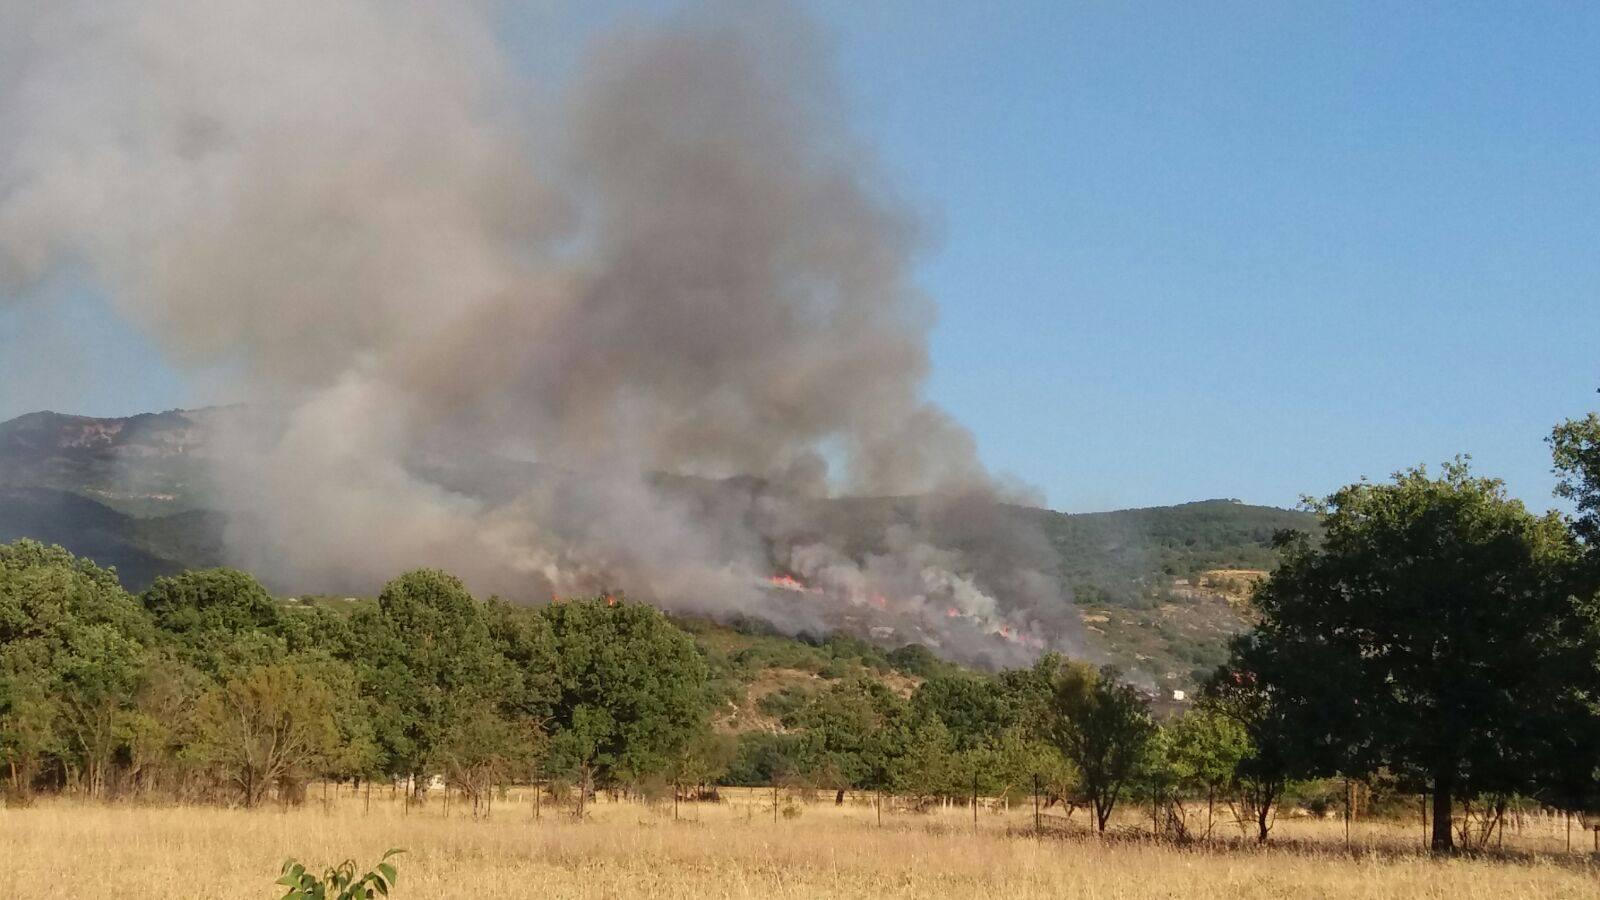 Incendio a Lecce nei Marsi, denunciato un ultraottantenne. Era convinto di aver spento un fuoco acceso dietro casa